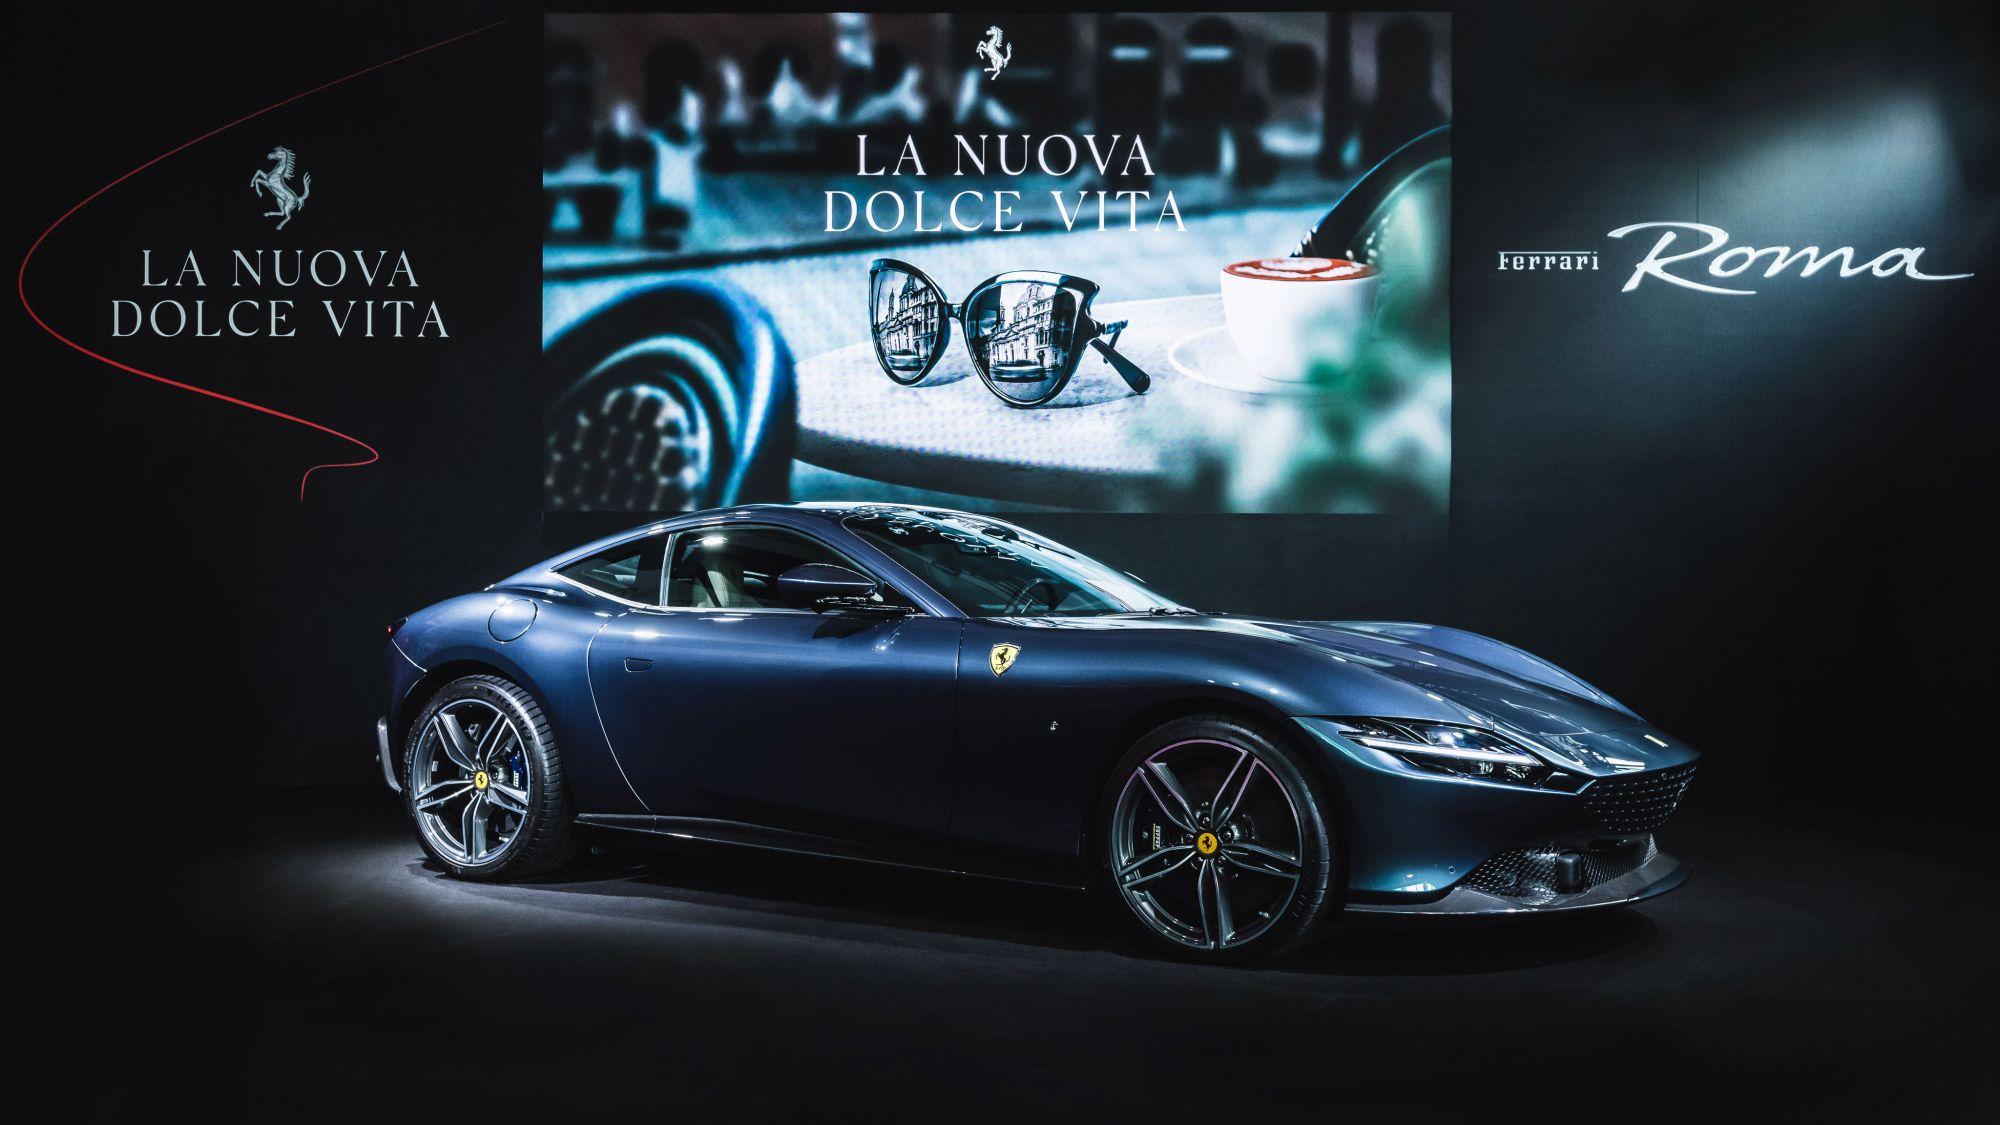 用前所未有的優雅 重新定義你的日常車駕,全新GT跑車Ferrari Roma帶你徜徉義式生活美學